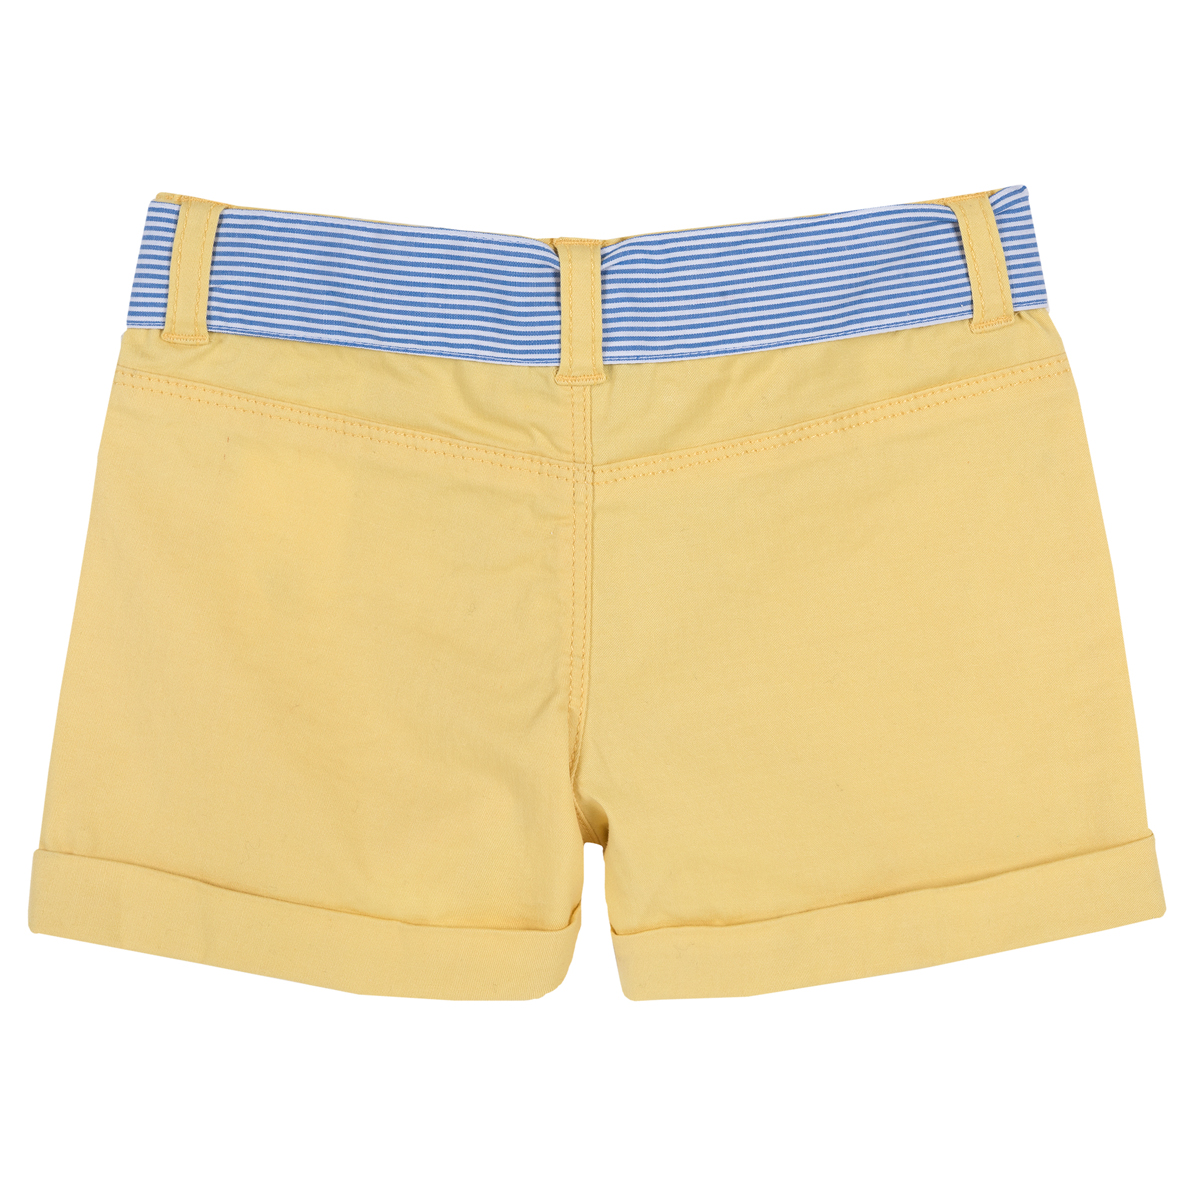 Pantaloni copii scurti Chicco, galben deschis, 52776